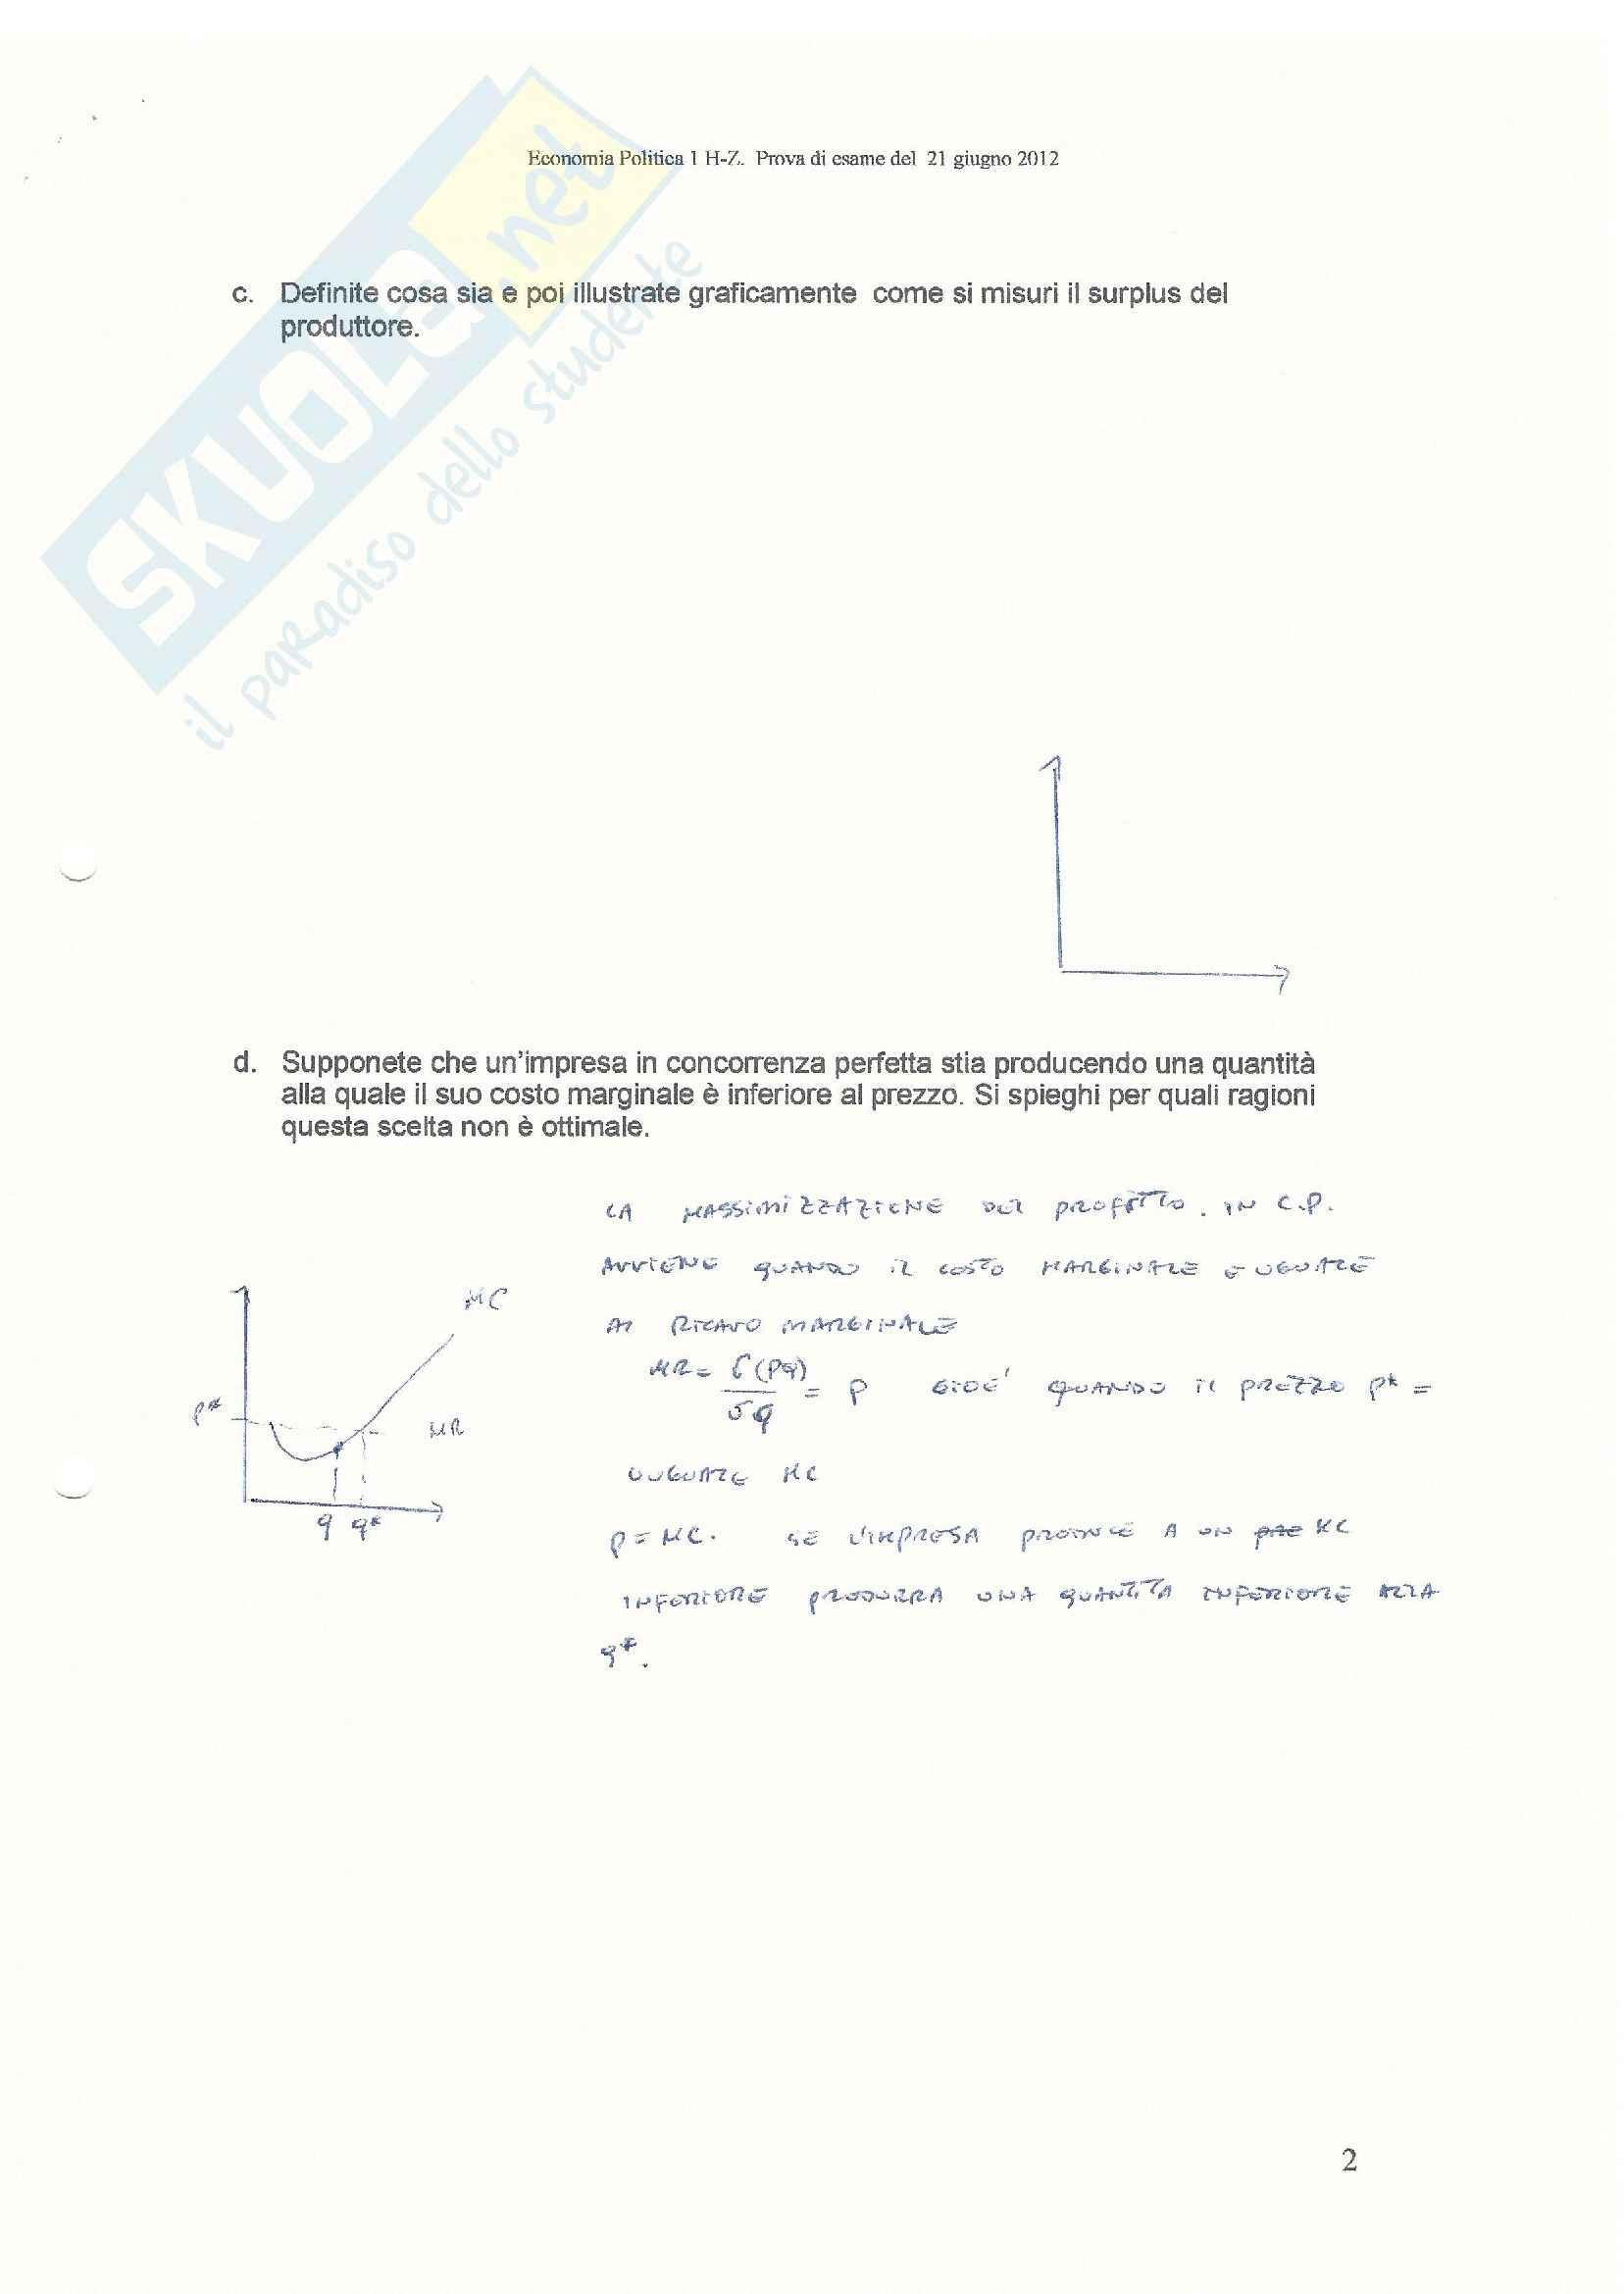 Teorie e esercitazioni su microeconomia,  Economia politica Pag. 91